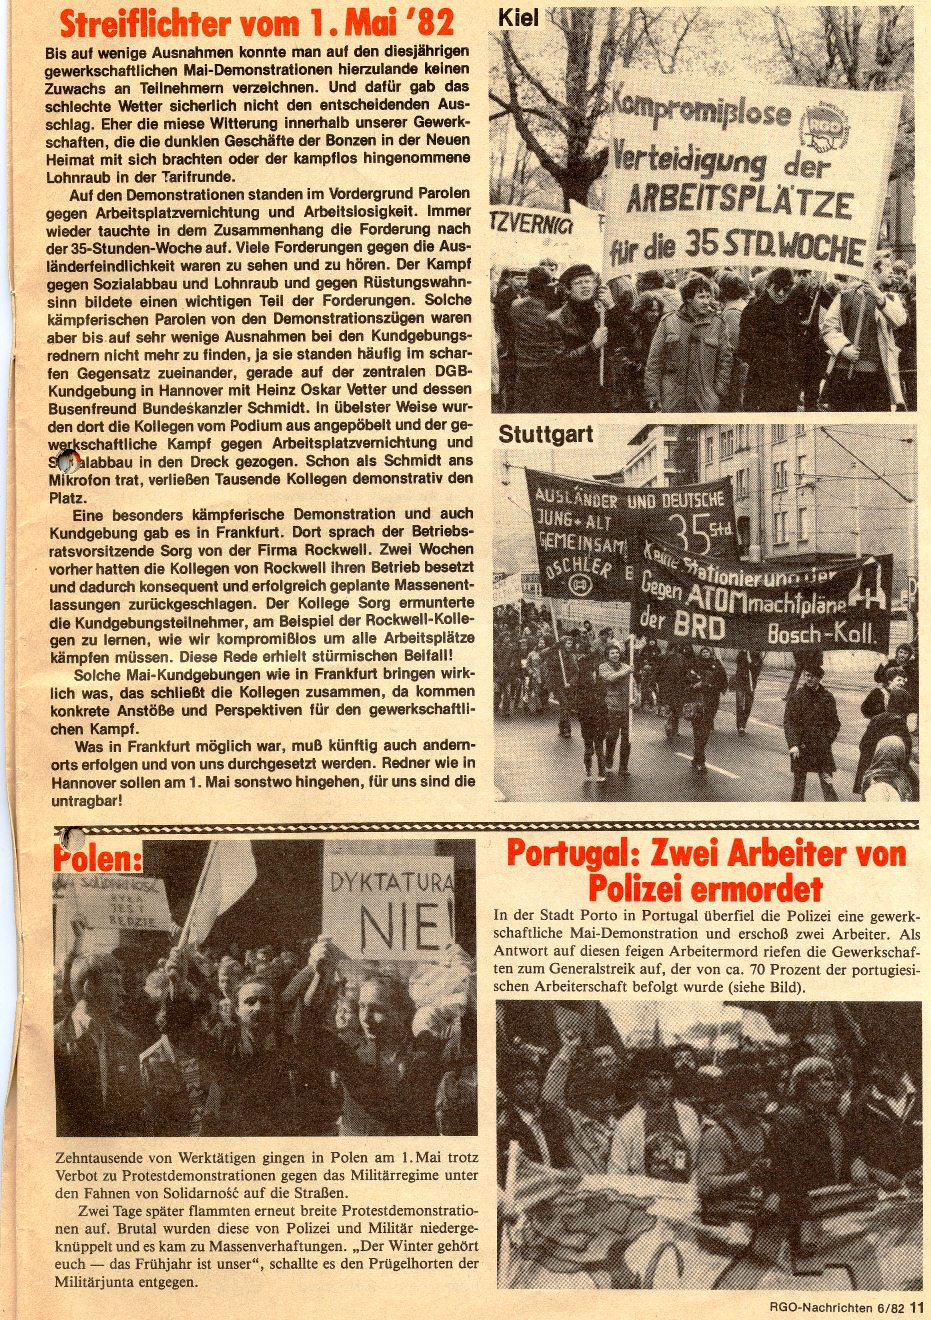 RGO_RGO_Nachrichten_1982_06_11